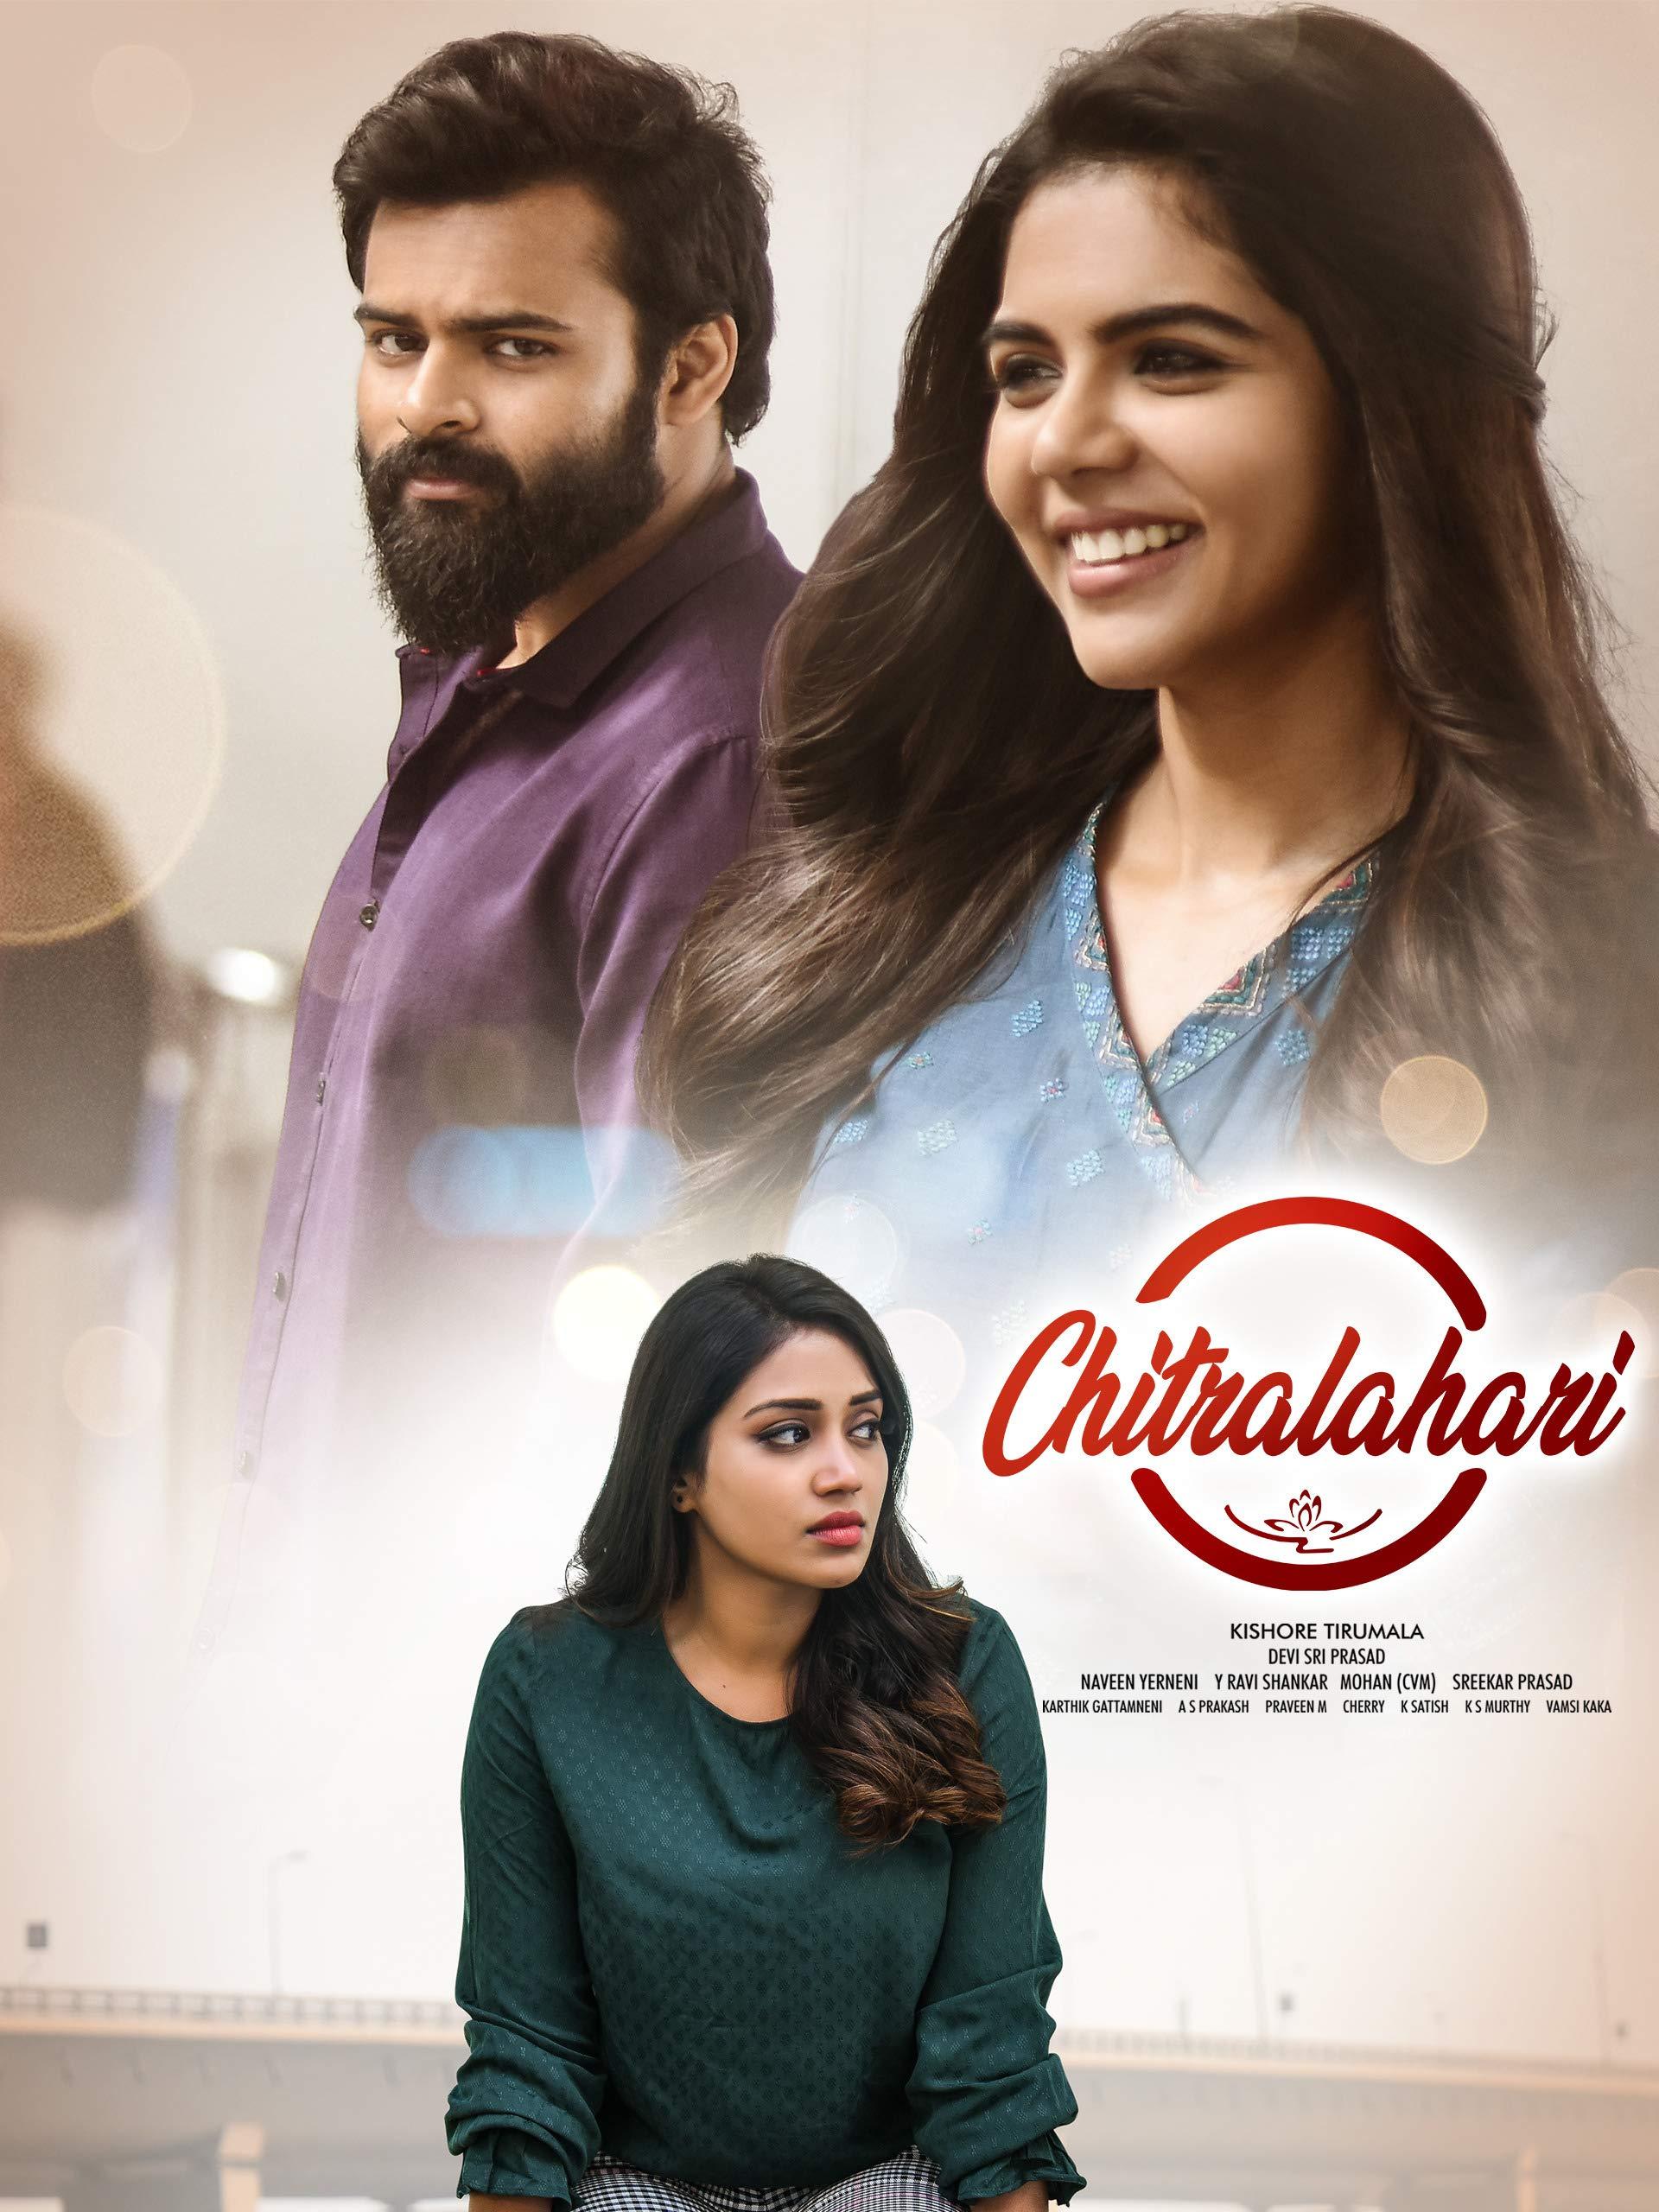 Chitralahari (4K UHD)